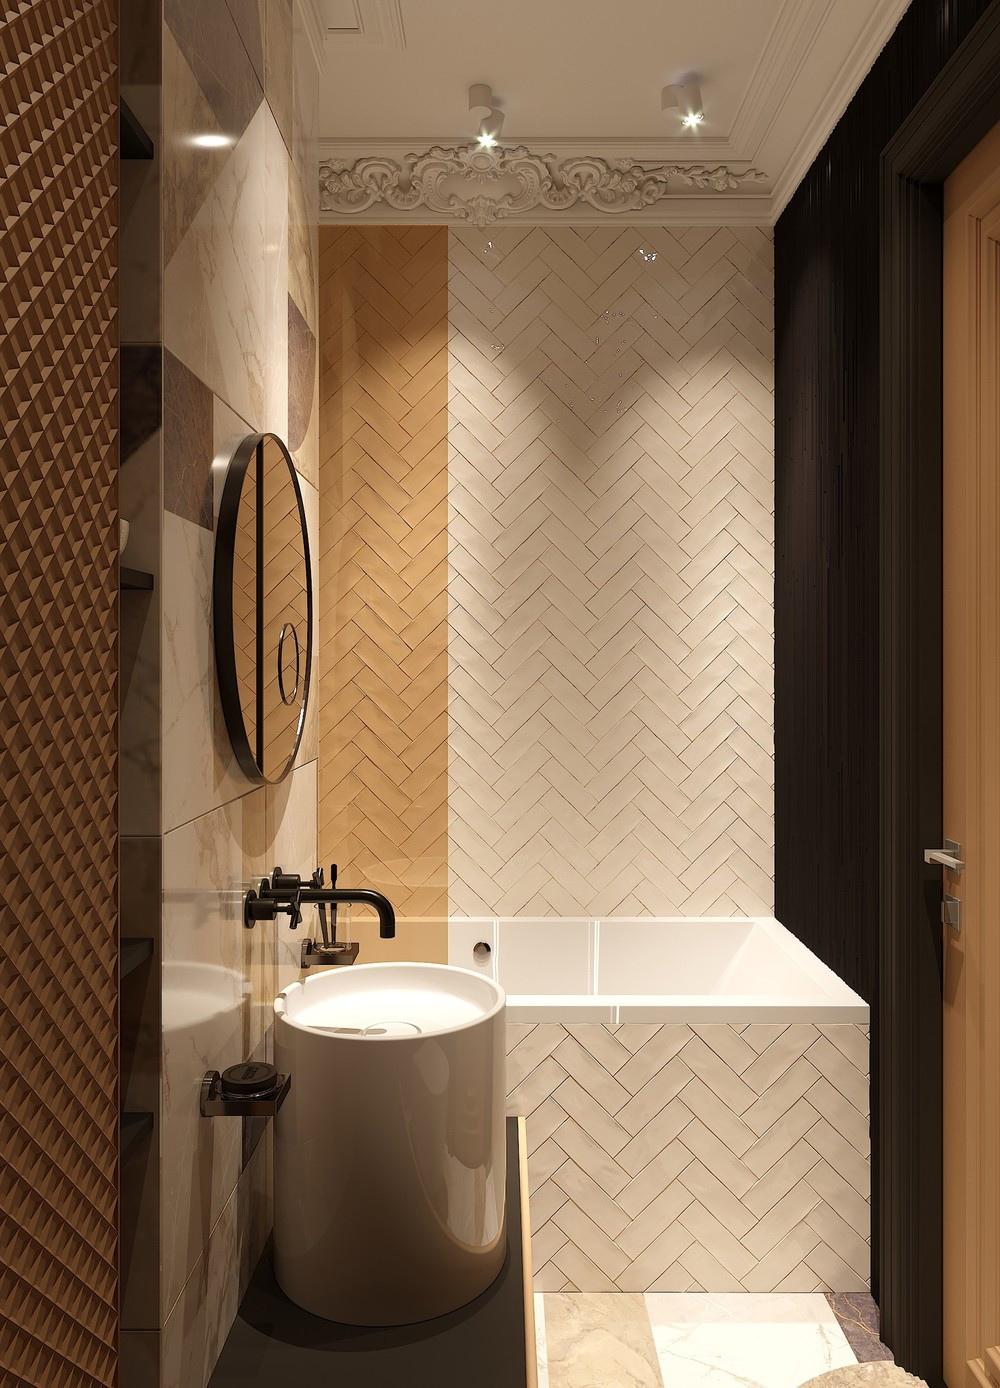 Дизайн-проект квартиры 29 м с элементами классики и ар-деко.